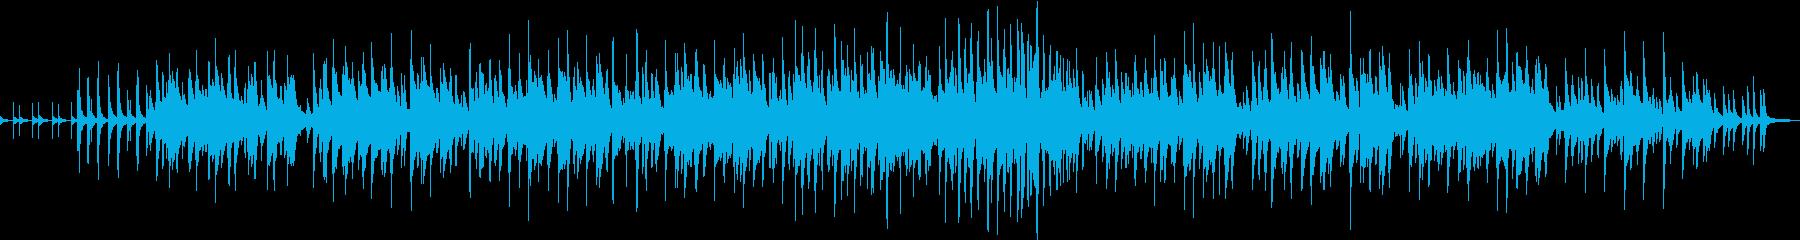 クリスマスのジャズワルツの再生済みの波形